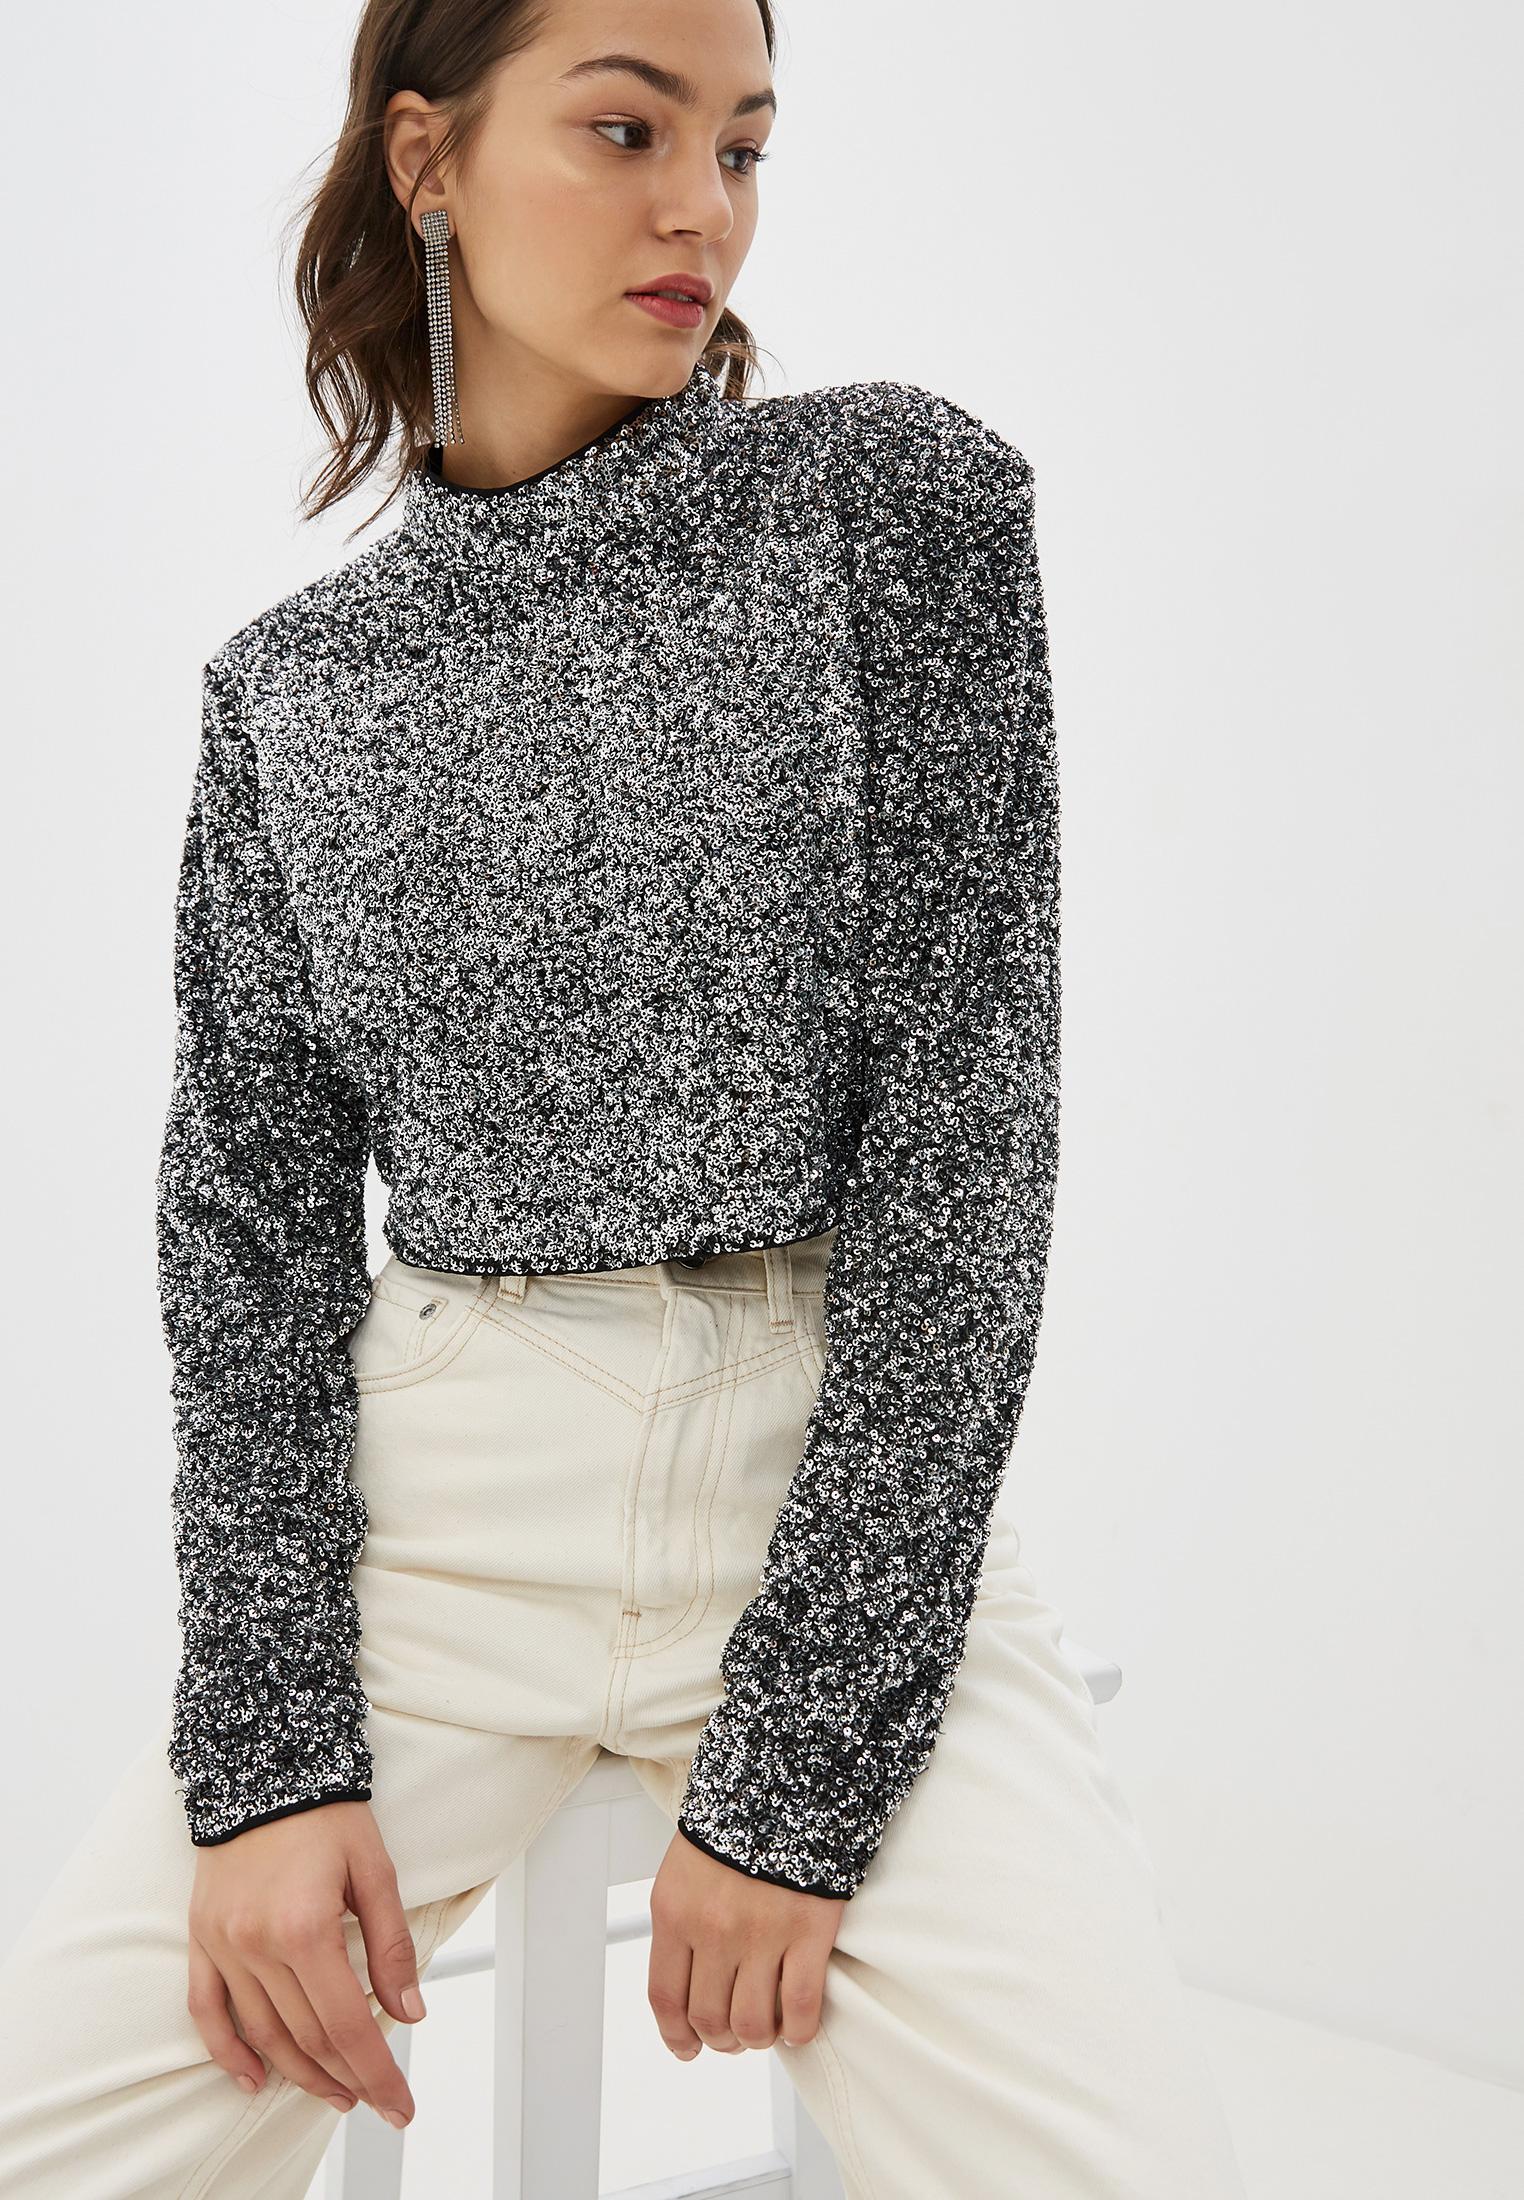 Блуза Pepe Jeans Dua Lipa купить за 5 817 ₽ в интернет-магазине Lamoda.ru